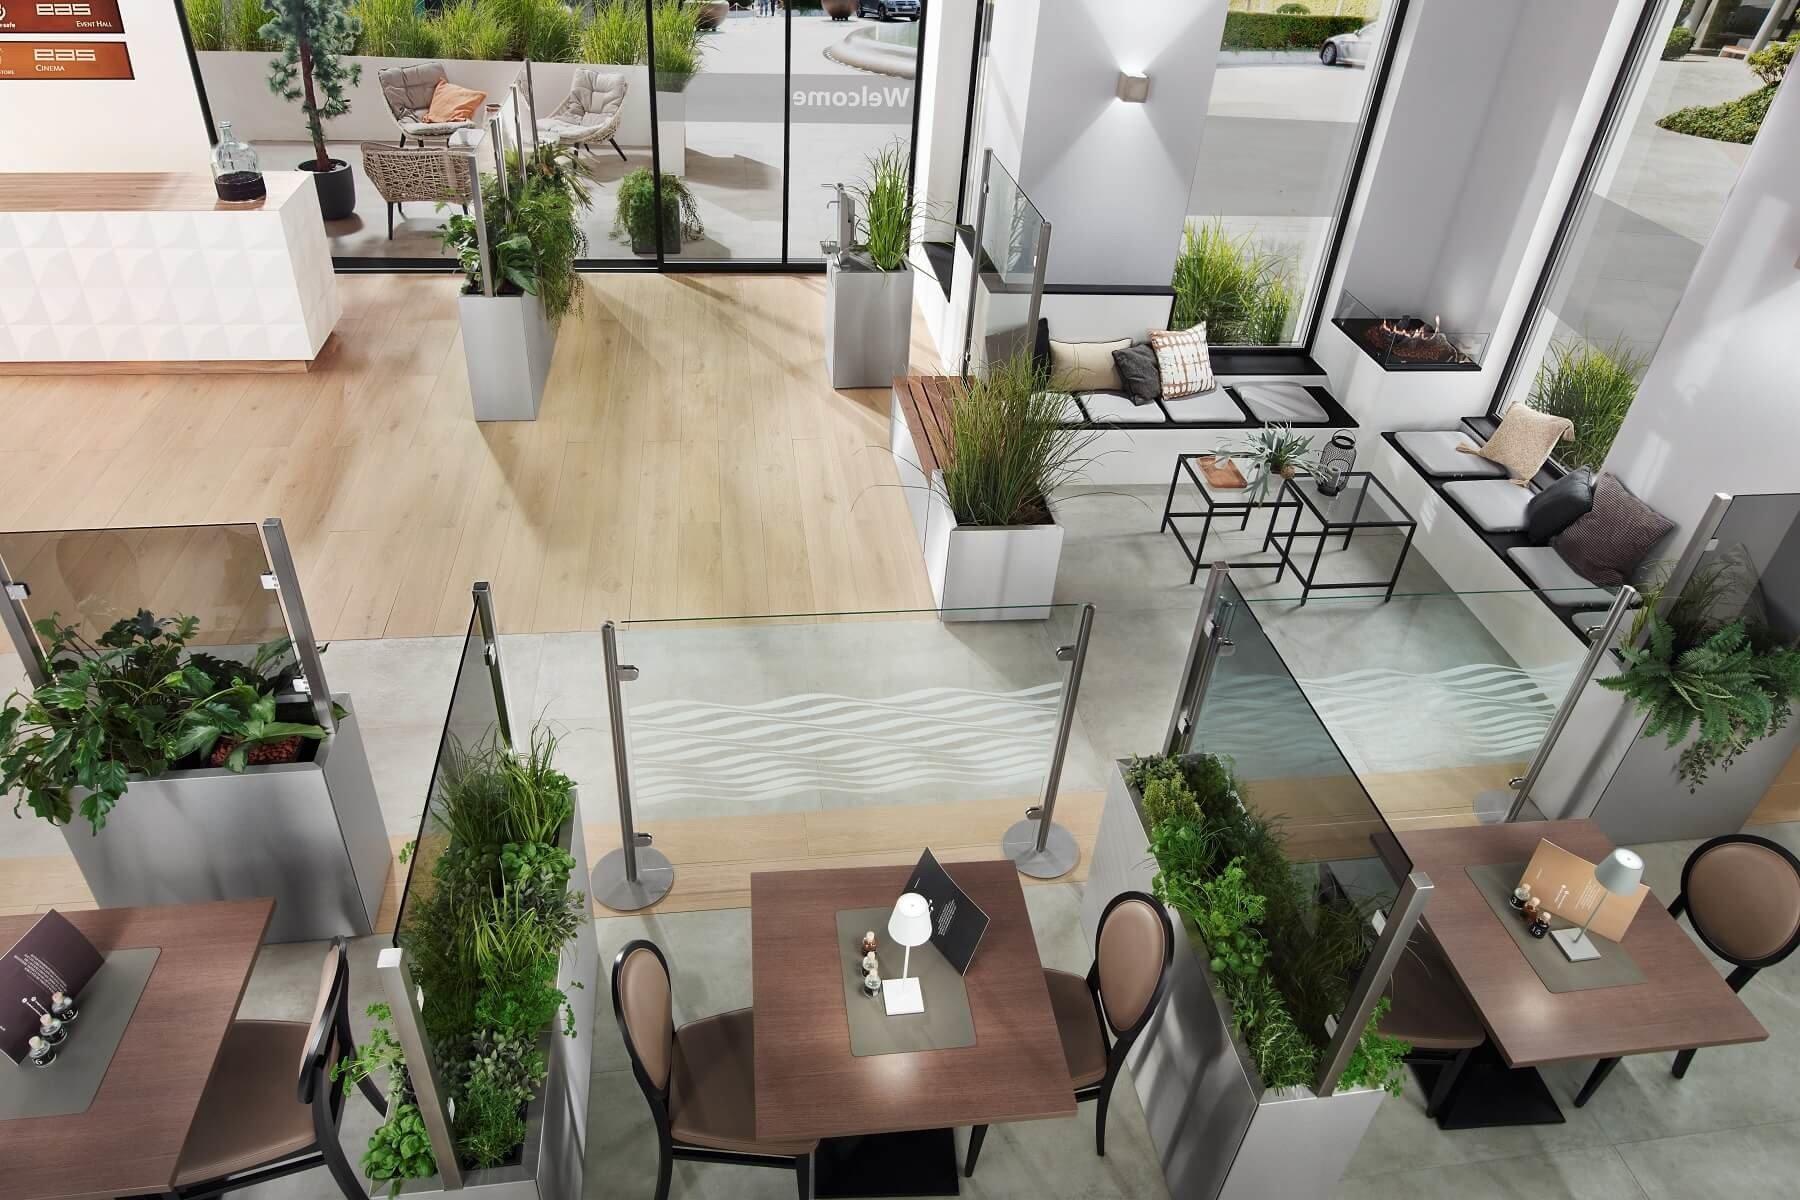 Glastrennwände schaffen abgetrennte Sitzbereiche im Restaurant voneinander